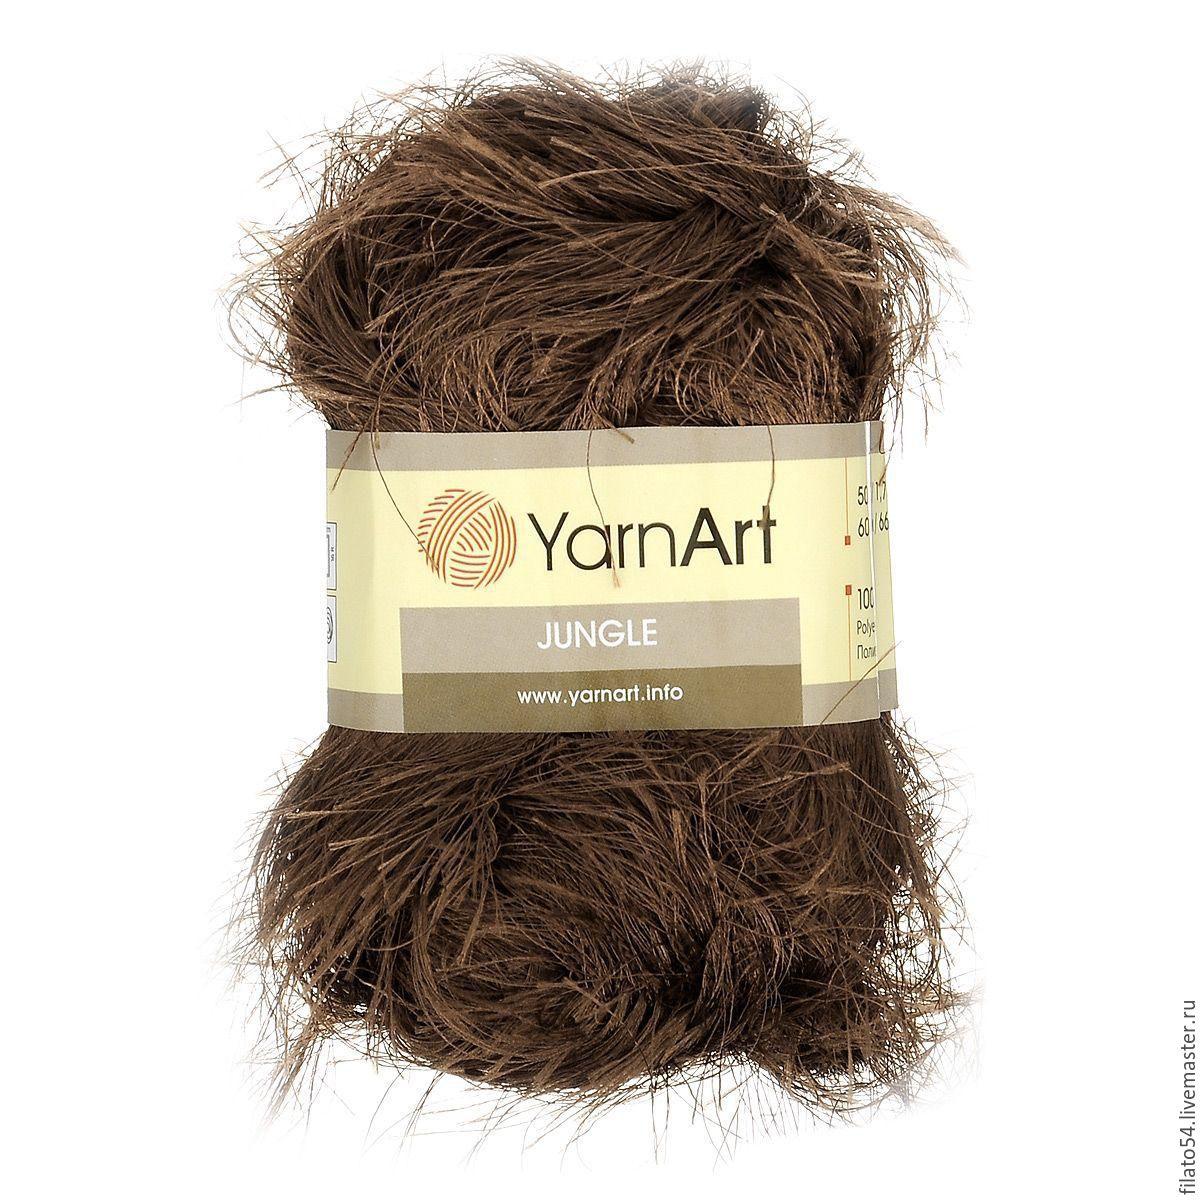 Jungle Yarn Art пряжа джунгли ярн арт Color 30 - Коричневый пряжа с эффектом меха